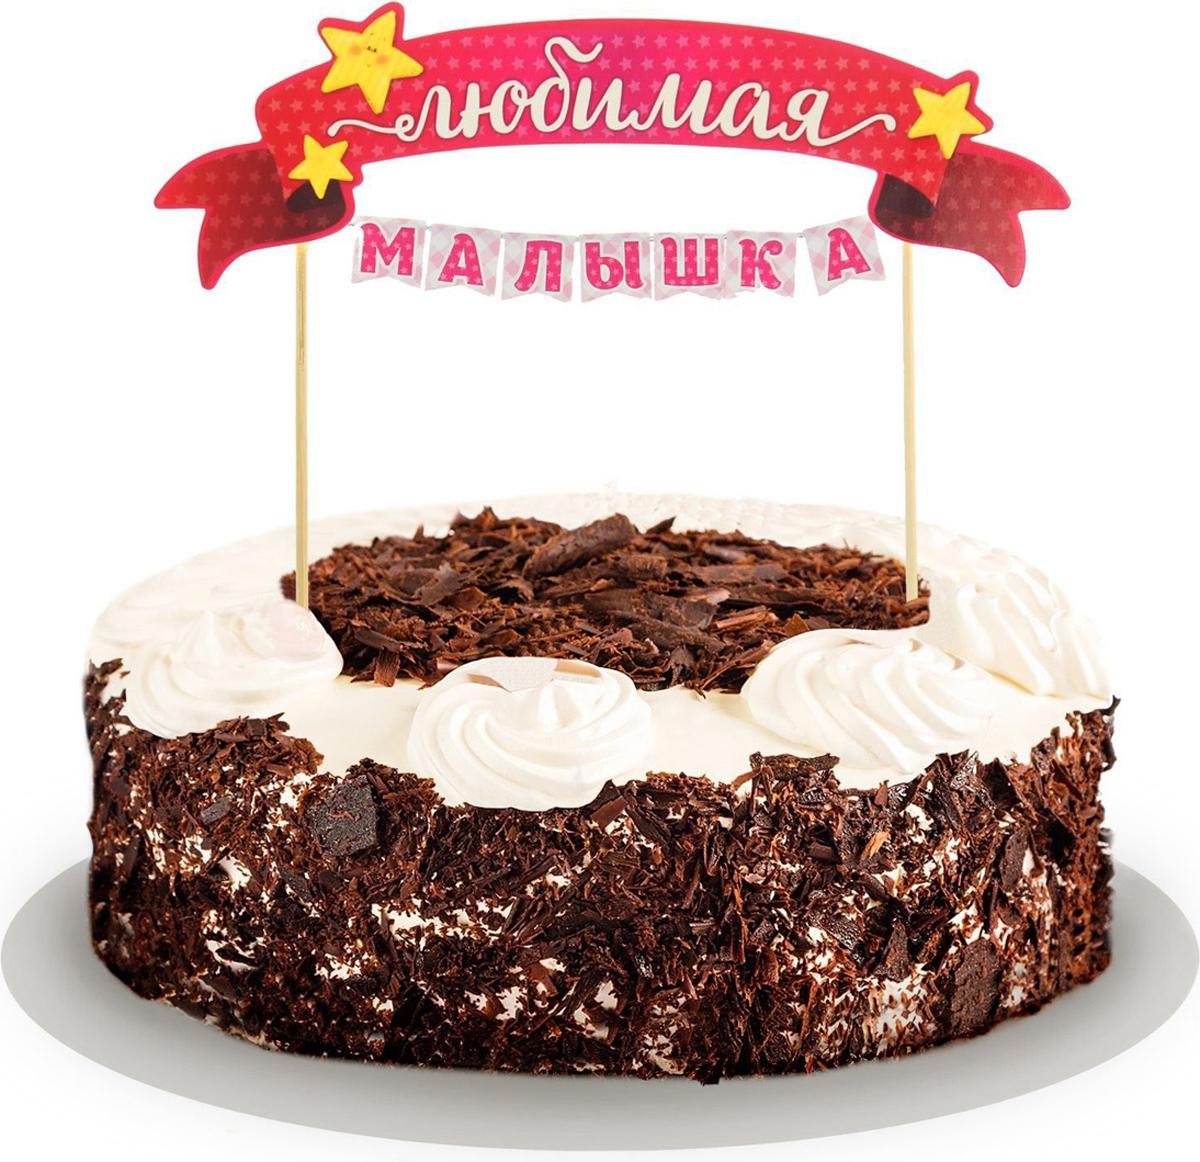 Страна Карнавалия Топпер в торт с гирляндой Любимая малышка 1490975